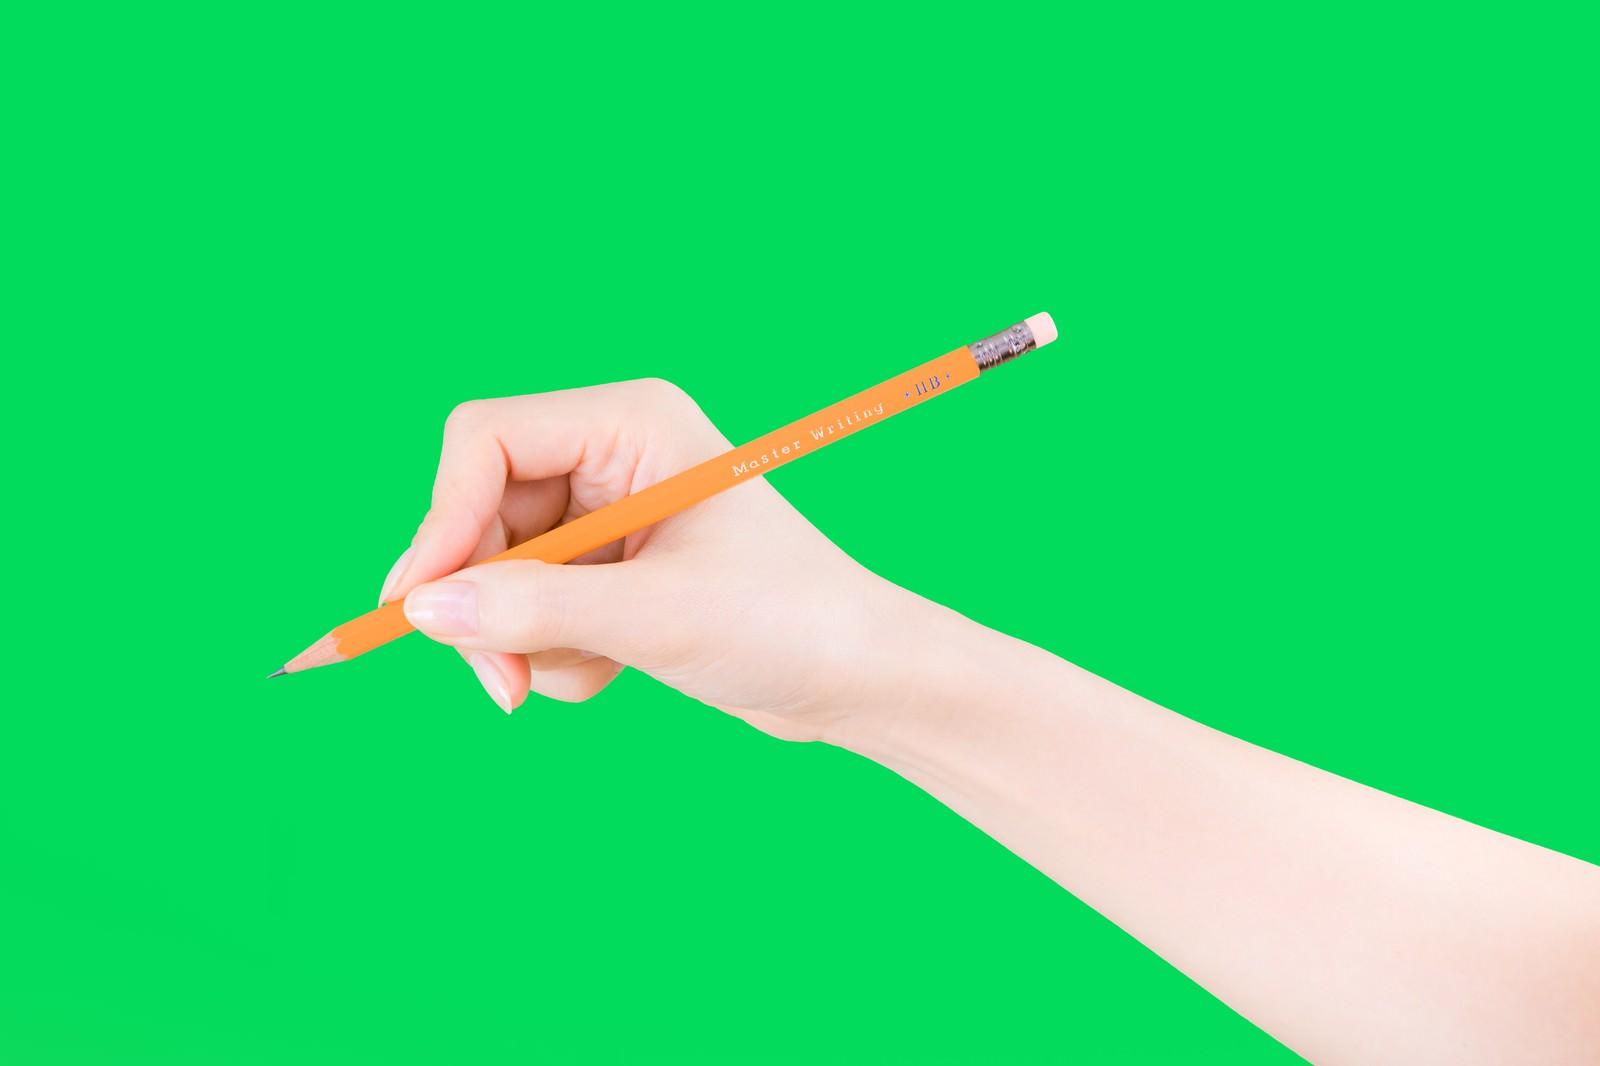 就職での作文の書き方と例文・よくあるテーマ・文字数のマナー